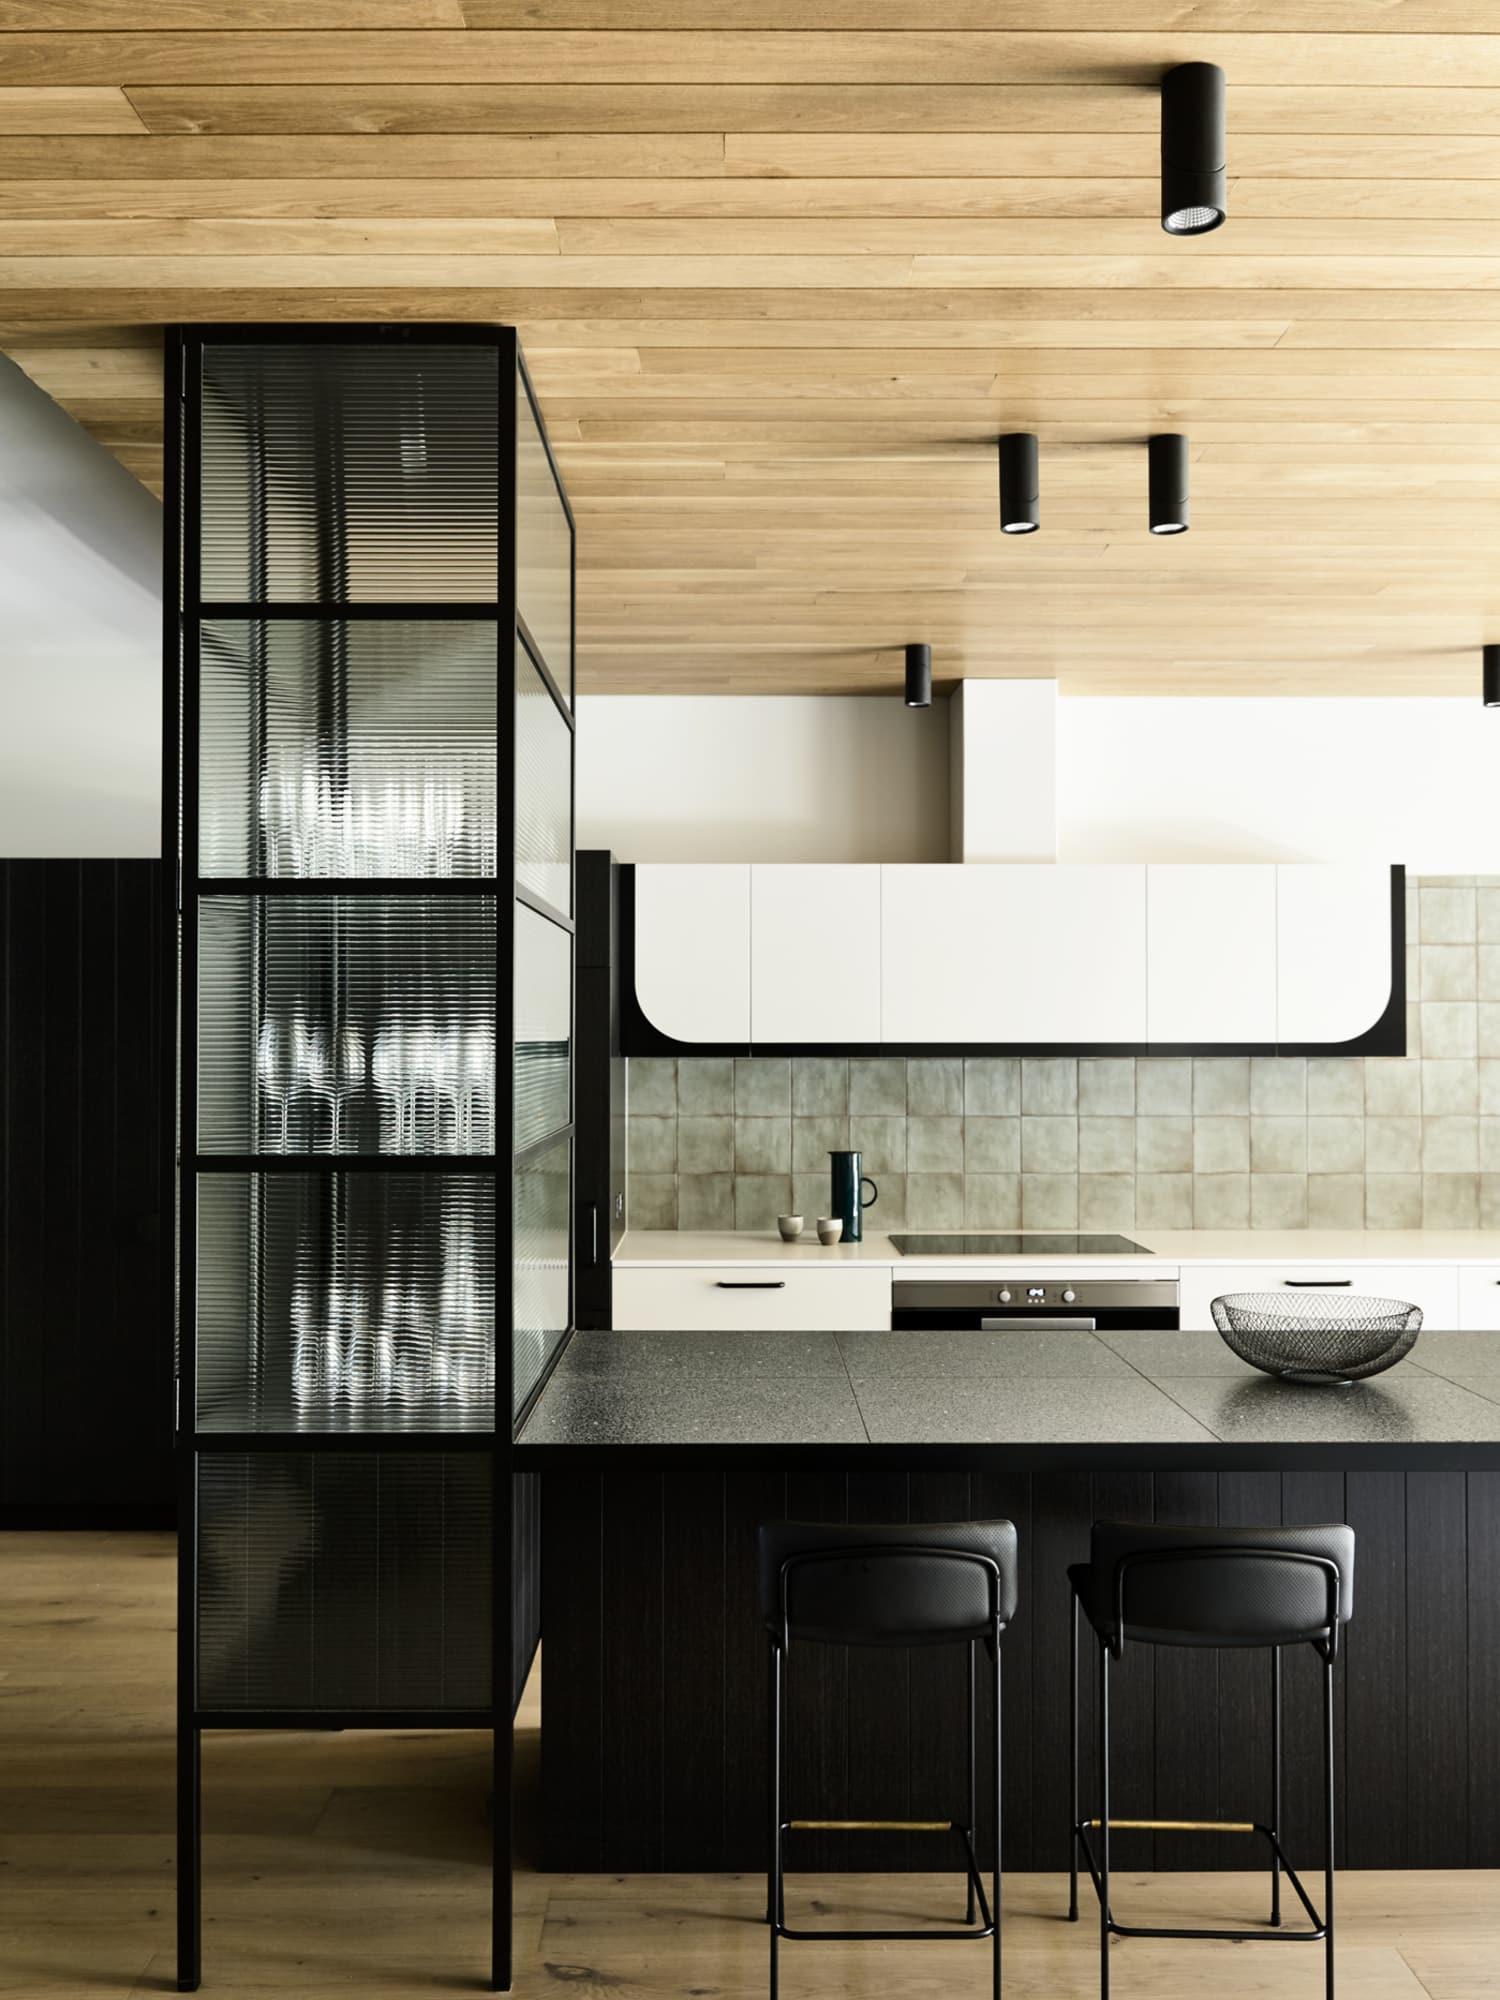 Ungewöhnlich Neuestes Modulare Küche Design In Indien Ideen - Ideen ...